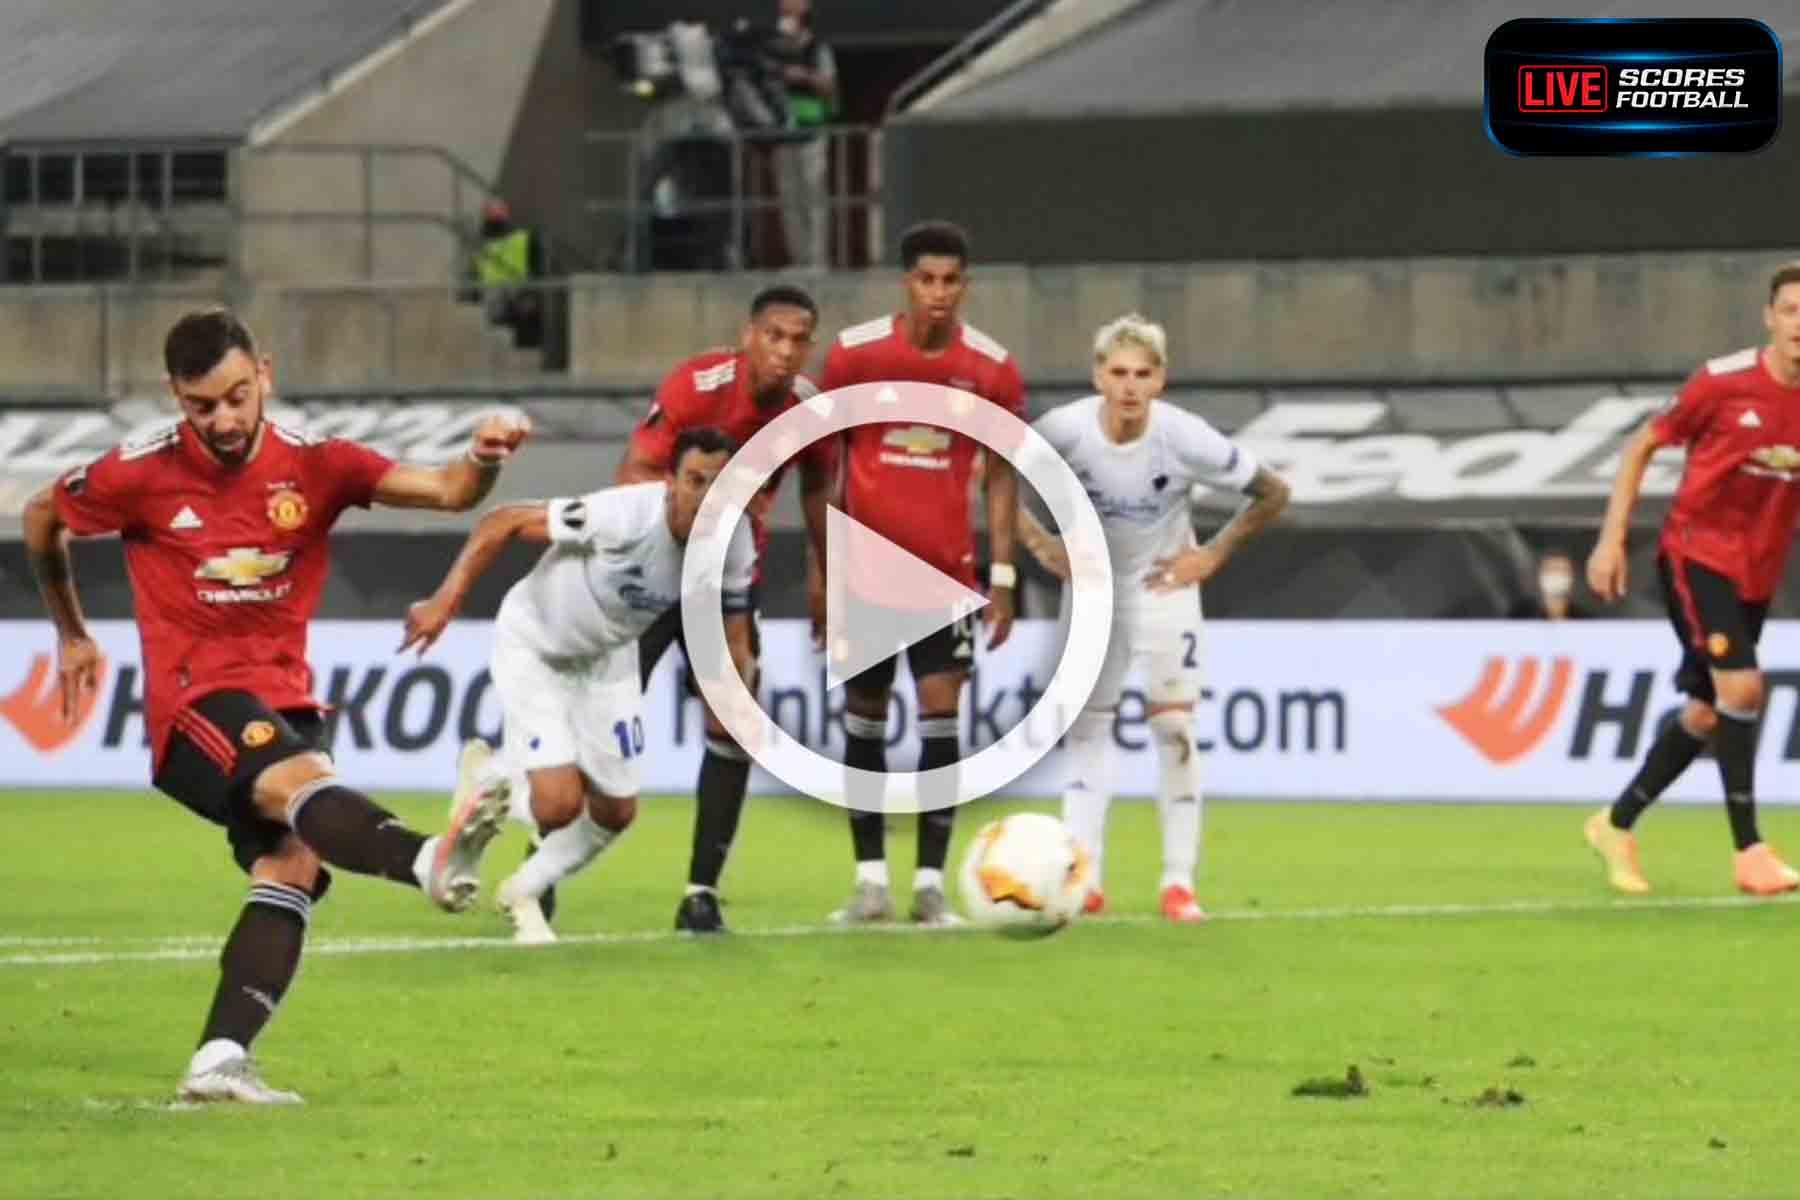 ไฮไลท์ UEL 2019-20 แมนเชสเตอร์ ยูไนเต็ด 1-0 เอฟซี โคเปนเฮเก้น รอบ 8 ทีม 10-8-2020